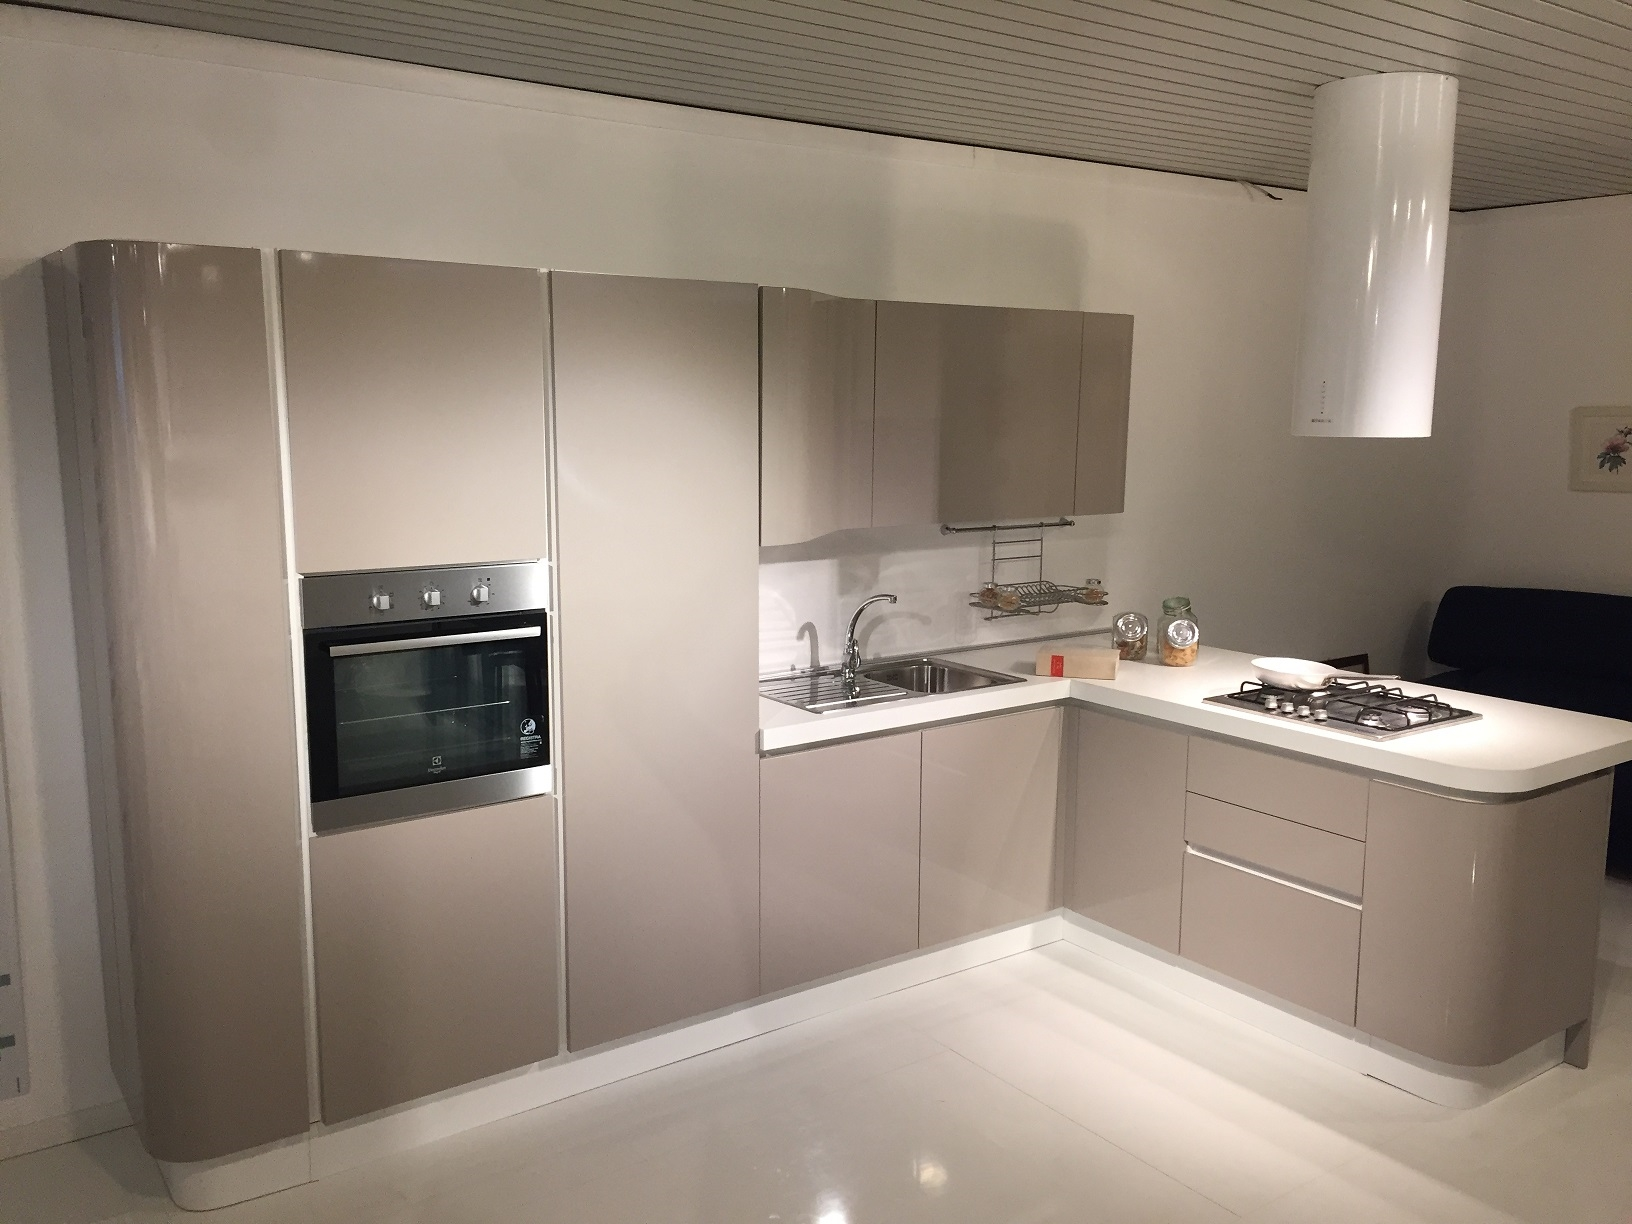 Aran cucine cucina penelope scontato del 50 cucine a for Offerte aran cucine